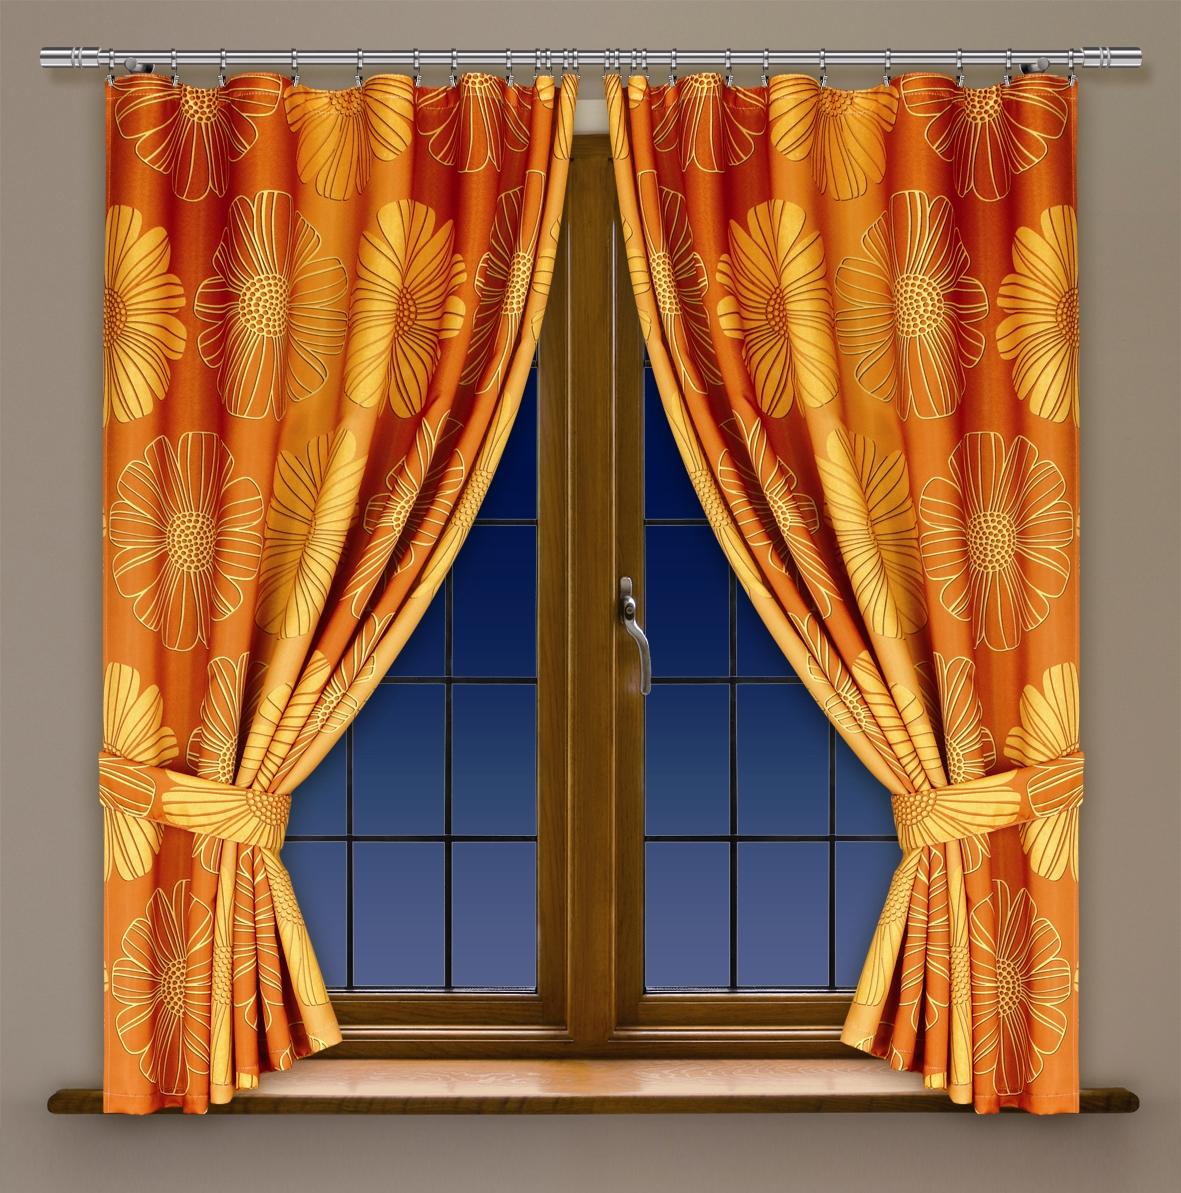 Комплект шторд для кухни HAFT 170*160*2. 201492/170201492/170Комплект шторд для кухни XAFT 170*160*2. 201492/170Материал: 100% п/э, размер: 170*160*2, цвет: оранжевый